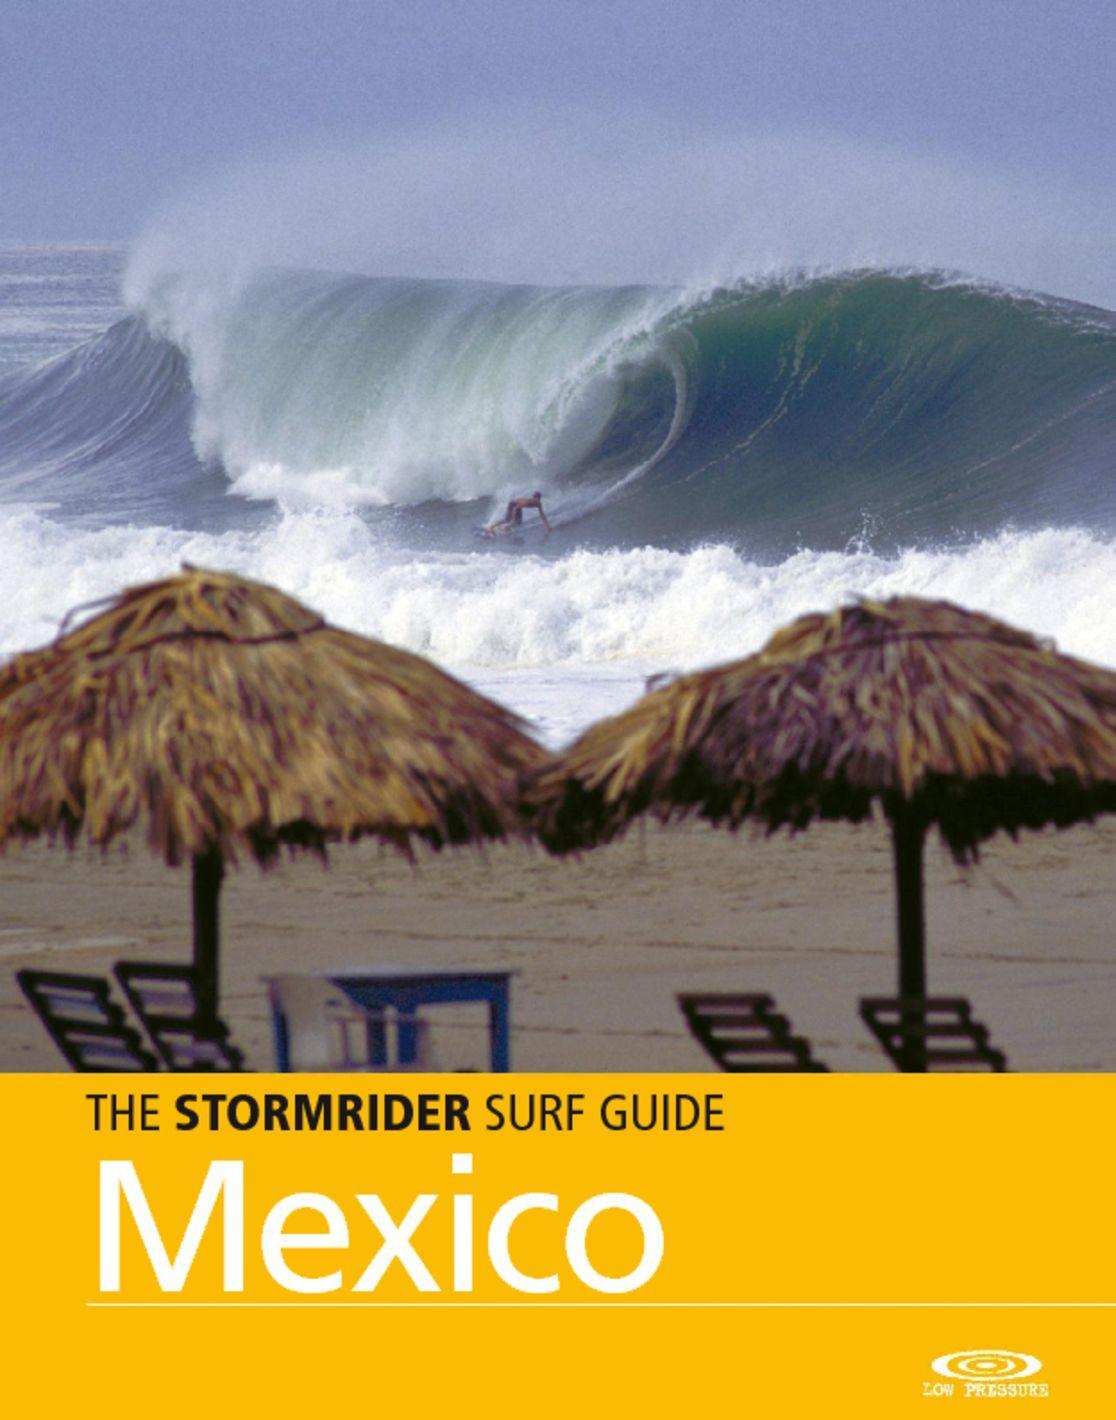 The Stormrider Surf Guide Mexico Digital